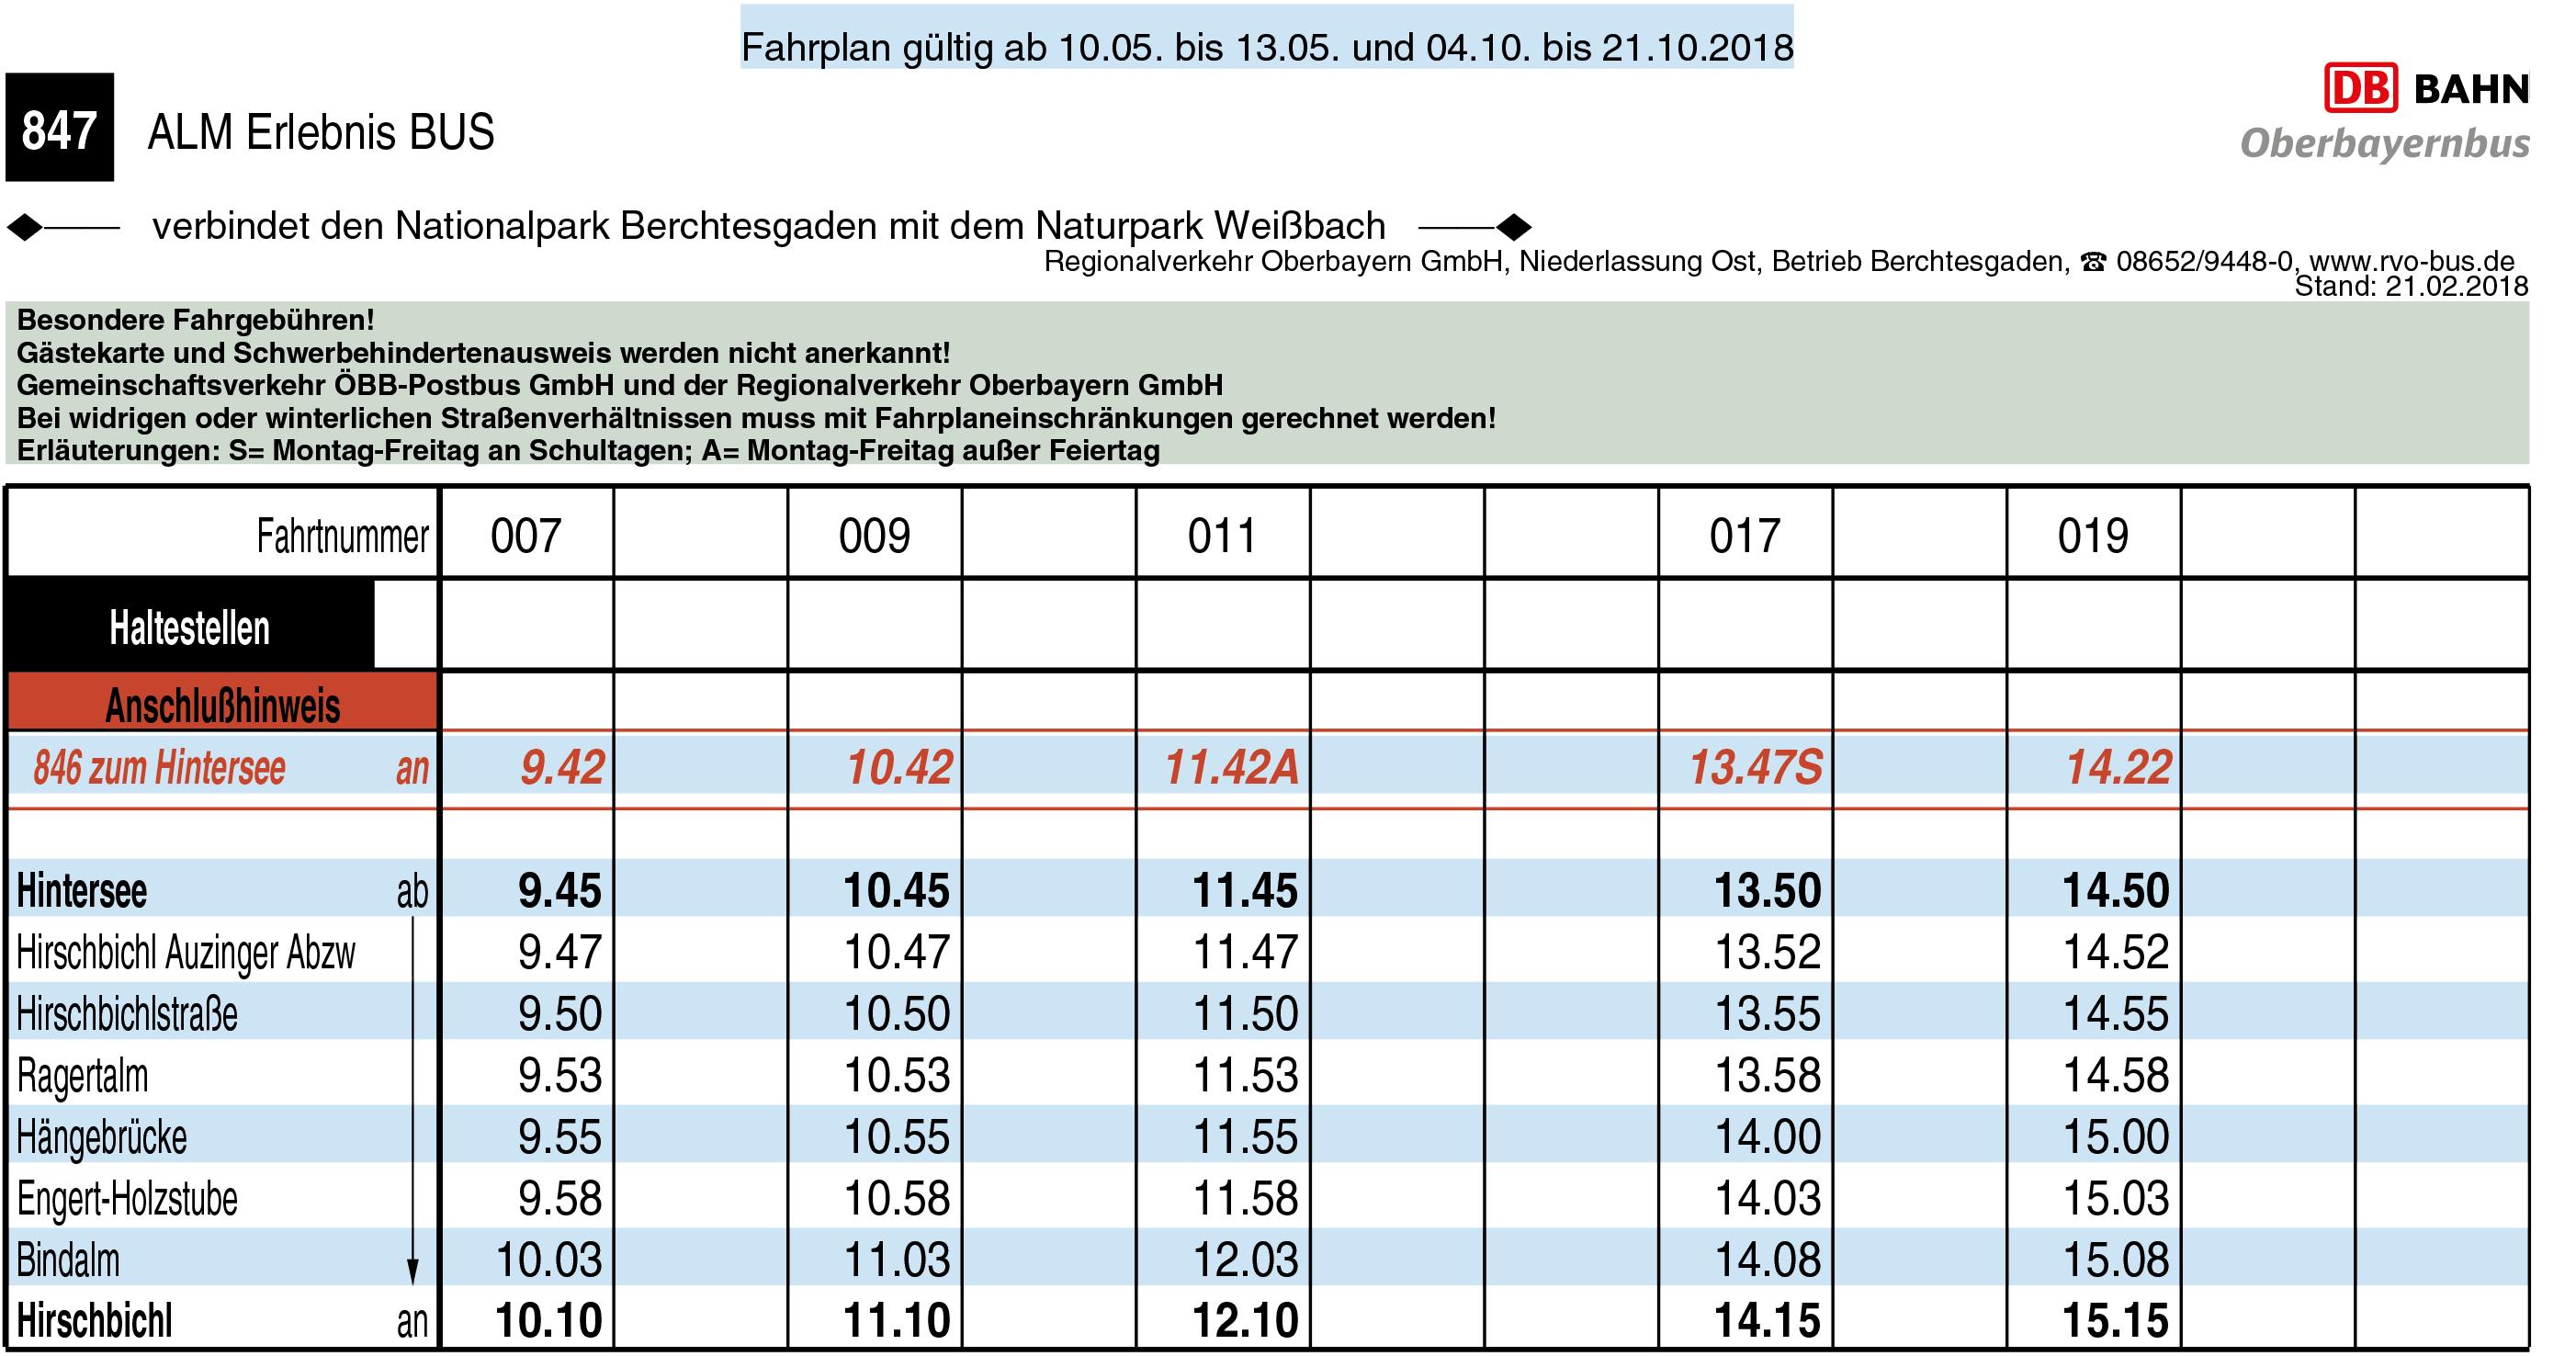 Almerlebnisbus Vor- und Nachsaison 2018